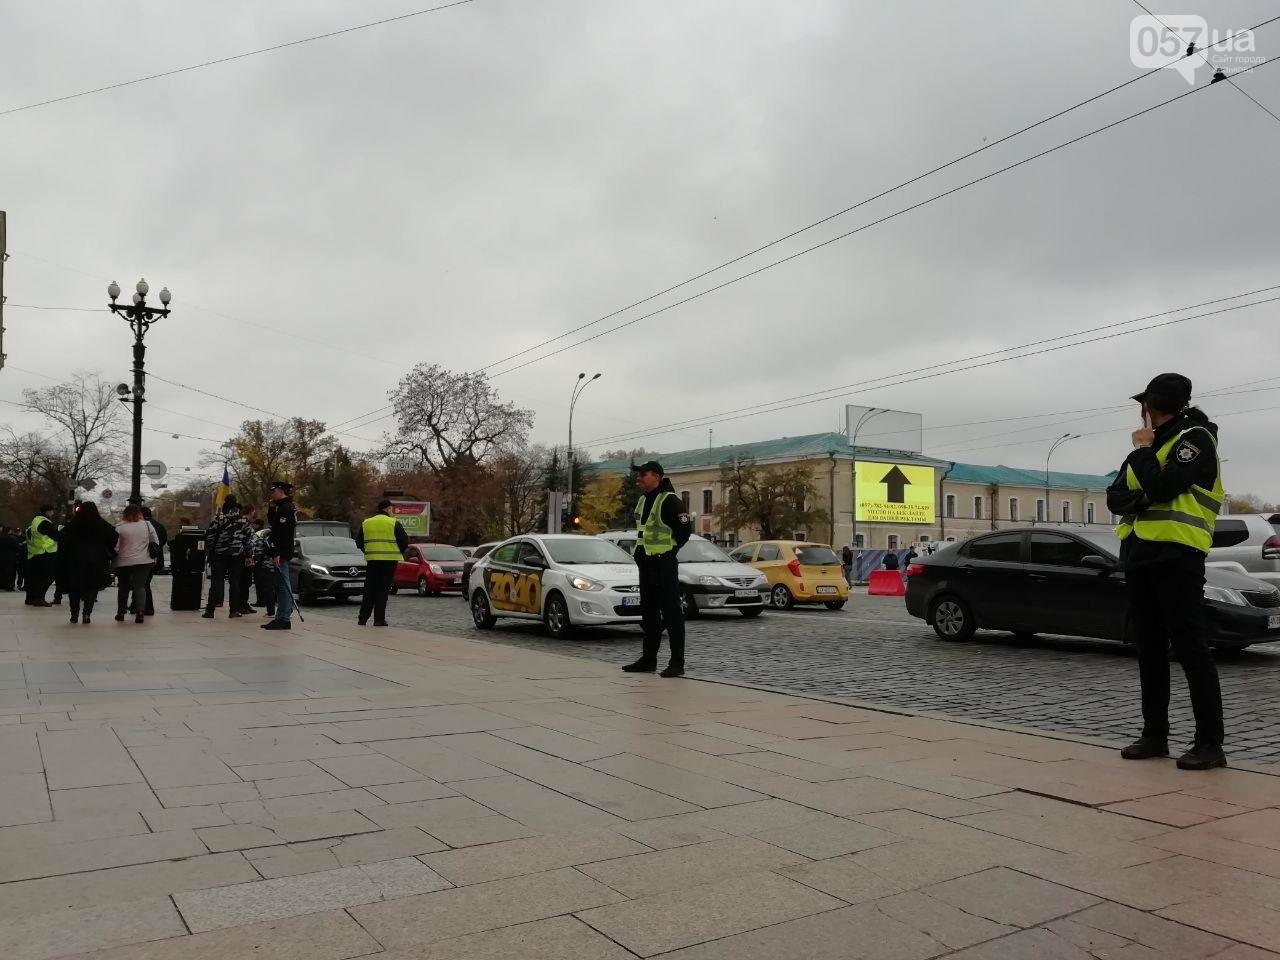 В Харькове полицейские ищут взрывчатку в здании ХОГА и на ЮЖД, - ФОТО, фото-4